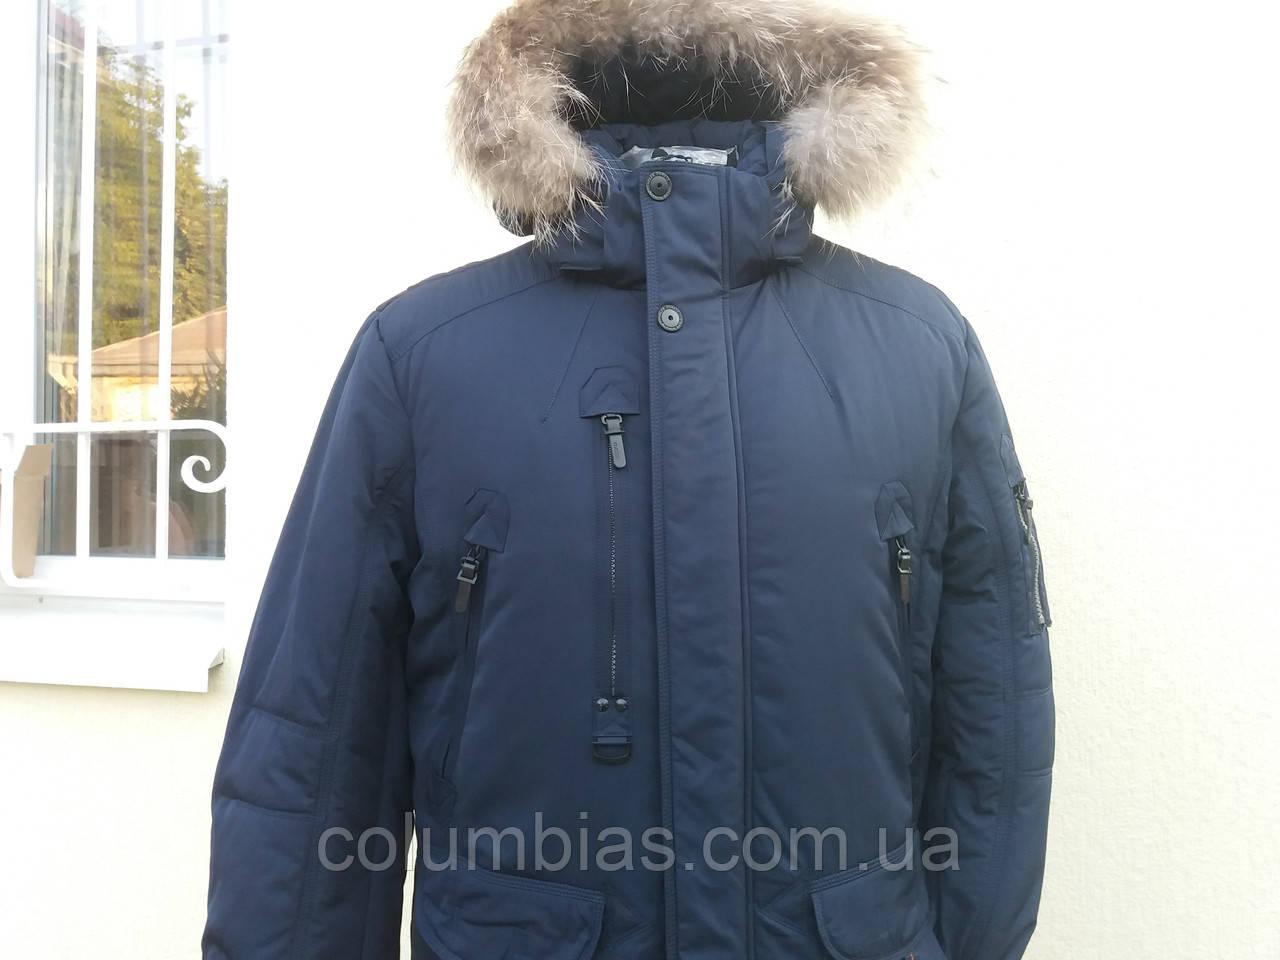 Куртка пуховик аляска утеплённая до - 38 С - ВЕСЬ ТОВАР В НАЛИЧИИ. ЗВОНИТЕ В d536d81108f